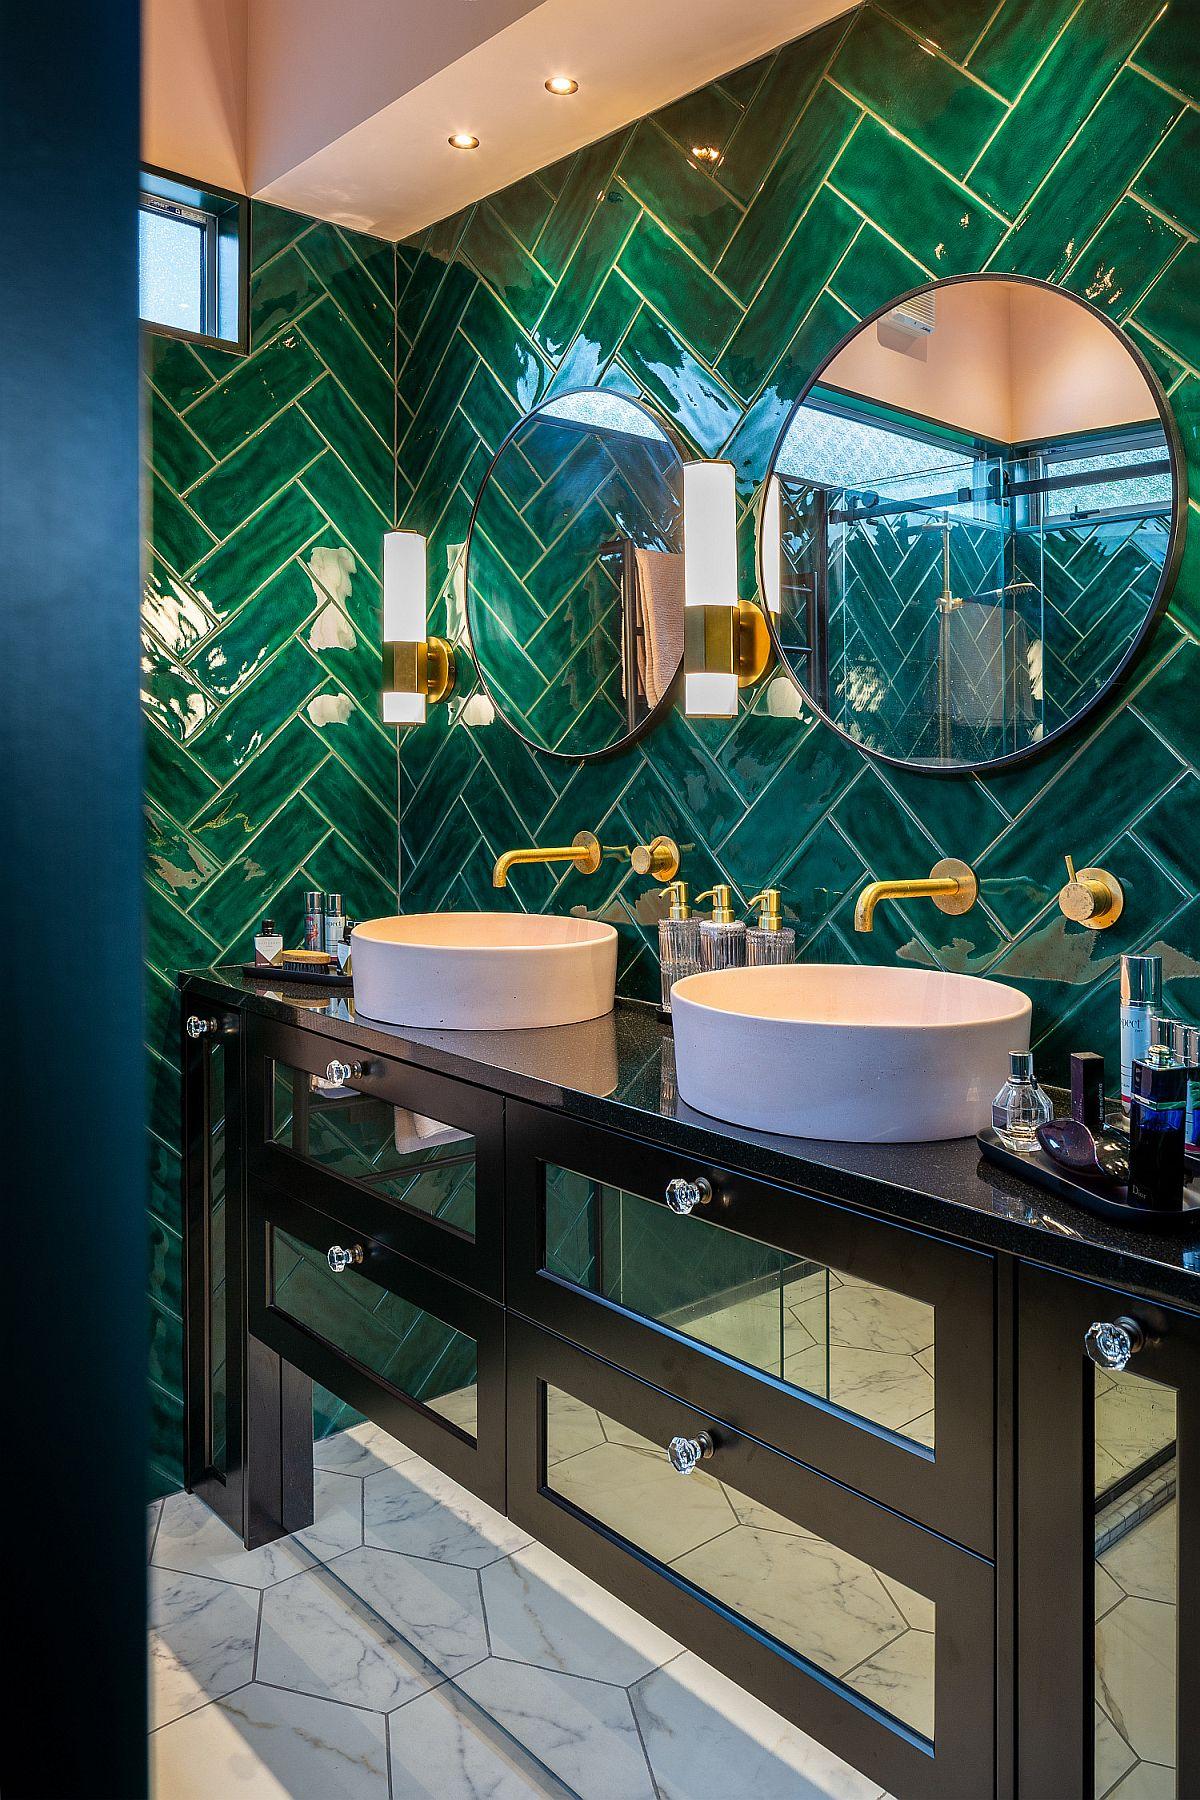 Salle de bains de style tropical moderne avec des carreaux verts fringants à chevrons